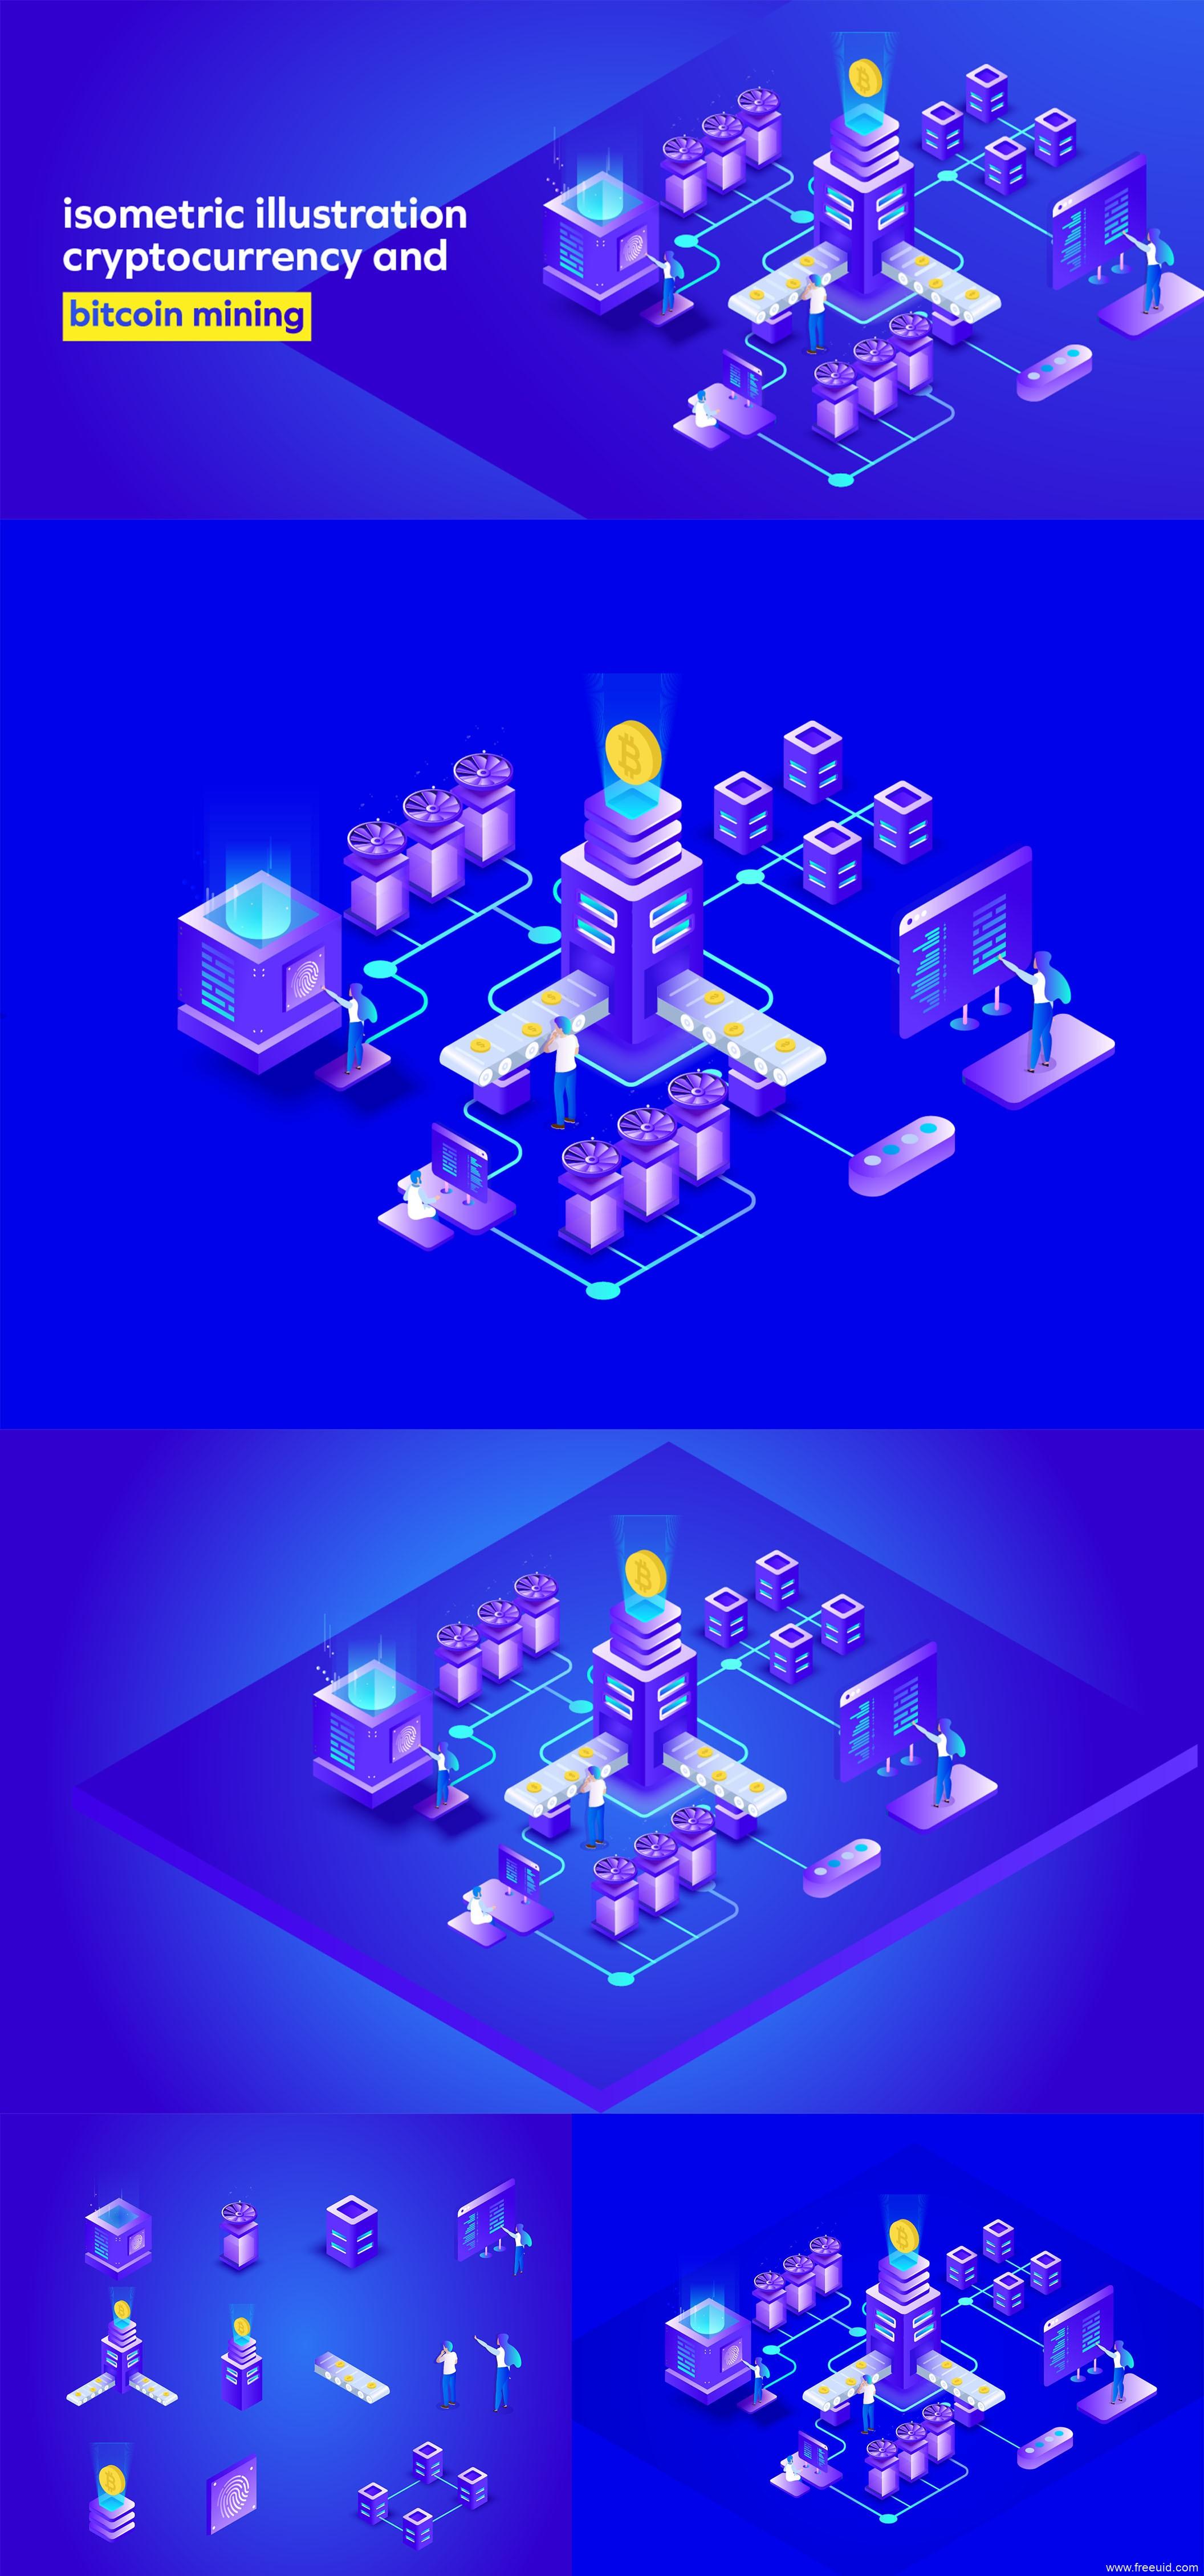 2.5D 数字货币、比特币主题插画 .eps素材下载